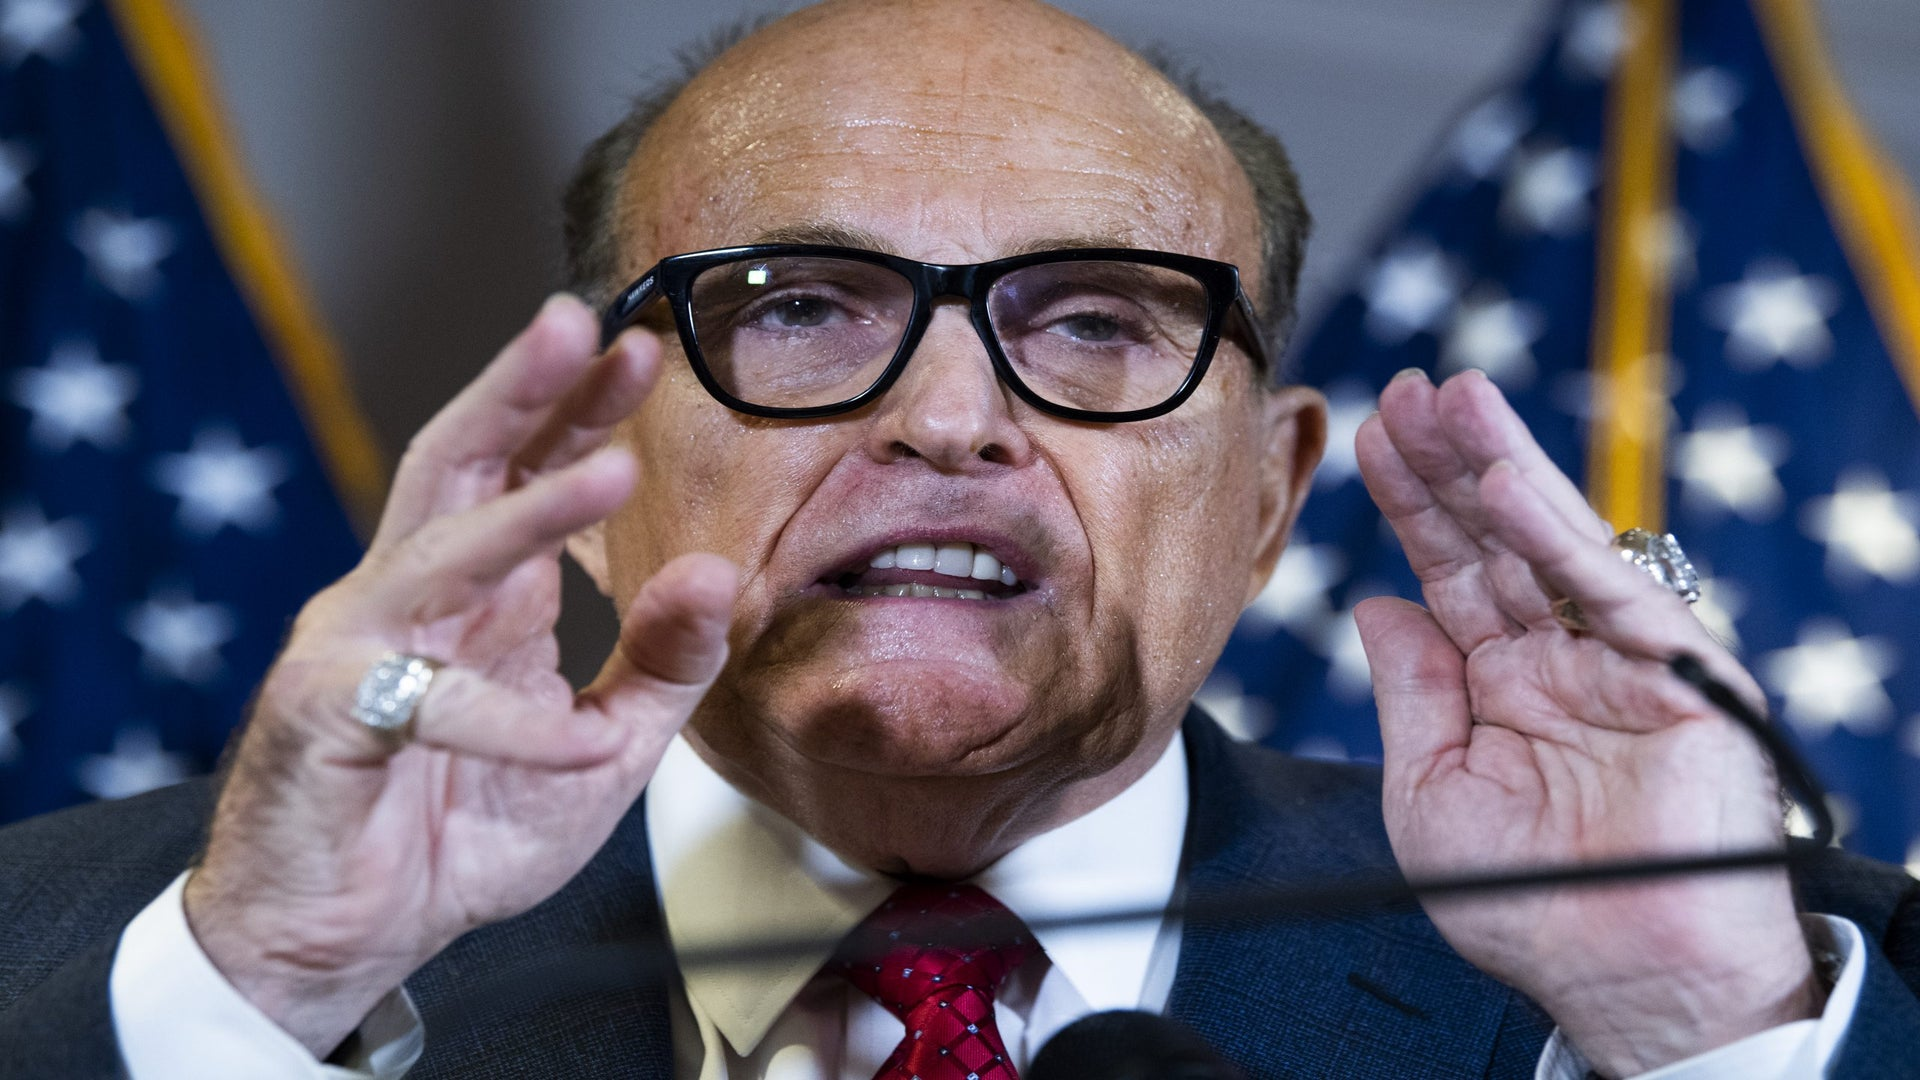 Rudy Giuliani Tests Positive For COVID-19, Arizona Legislature Shuts Down